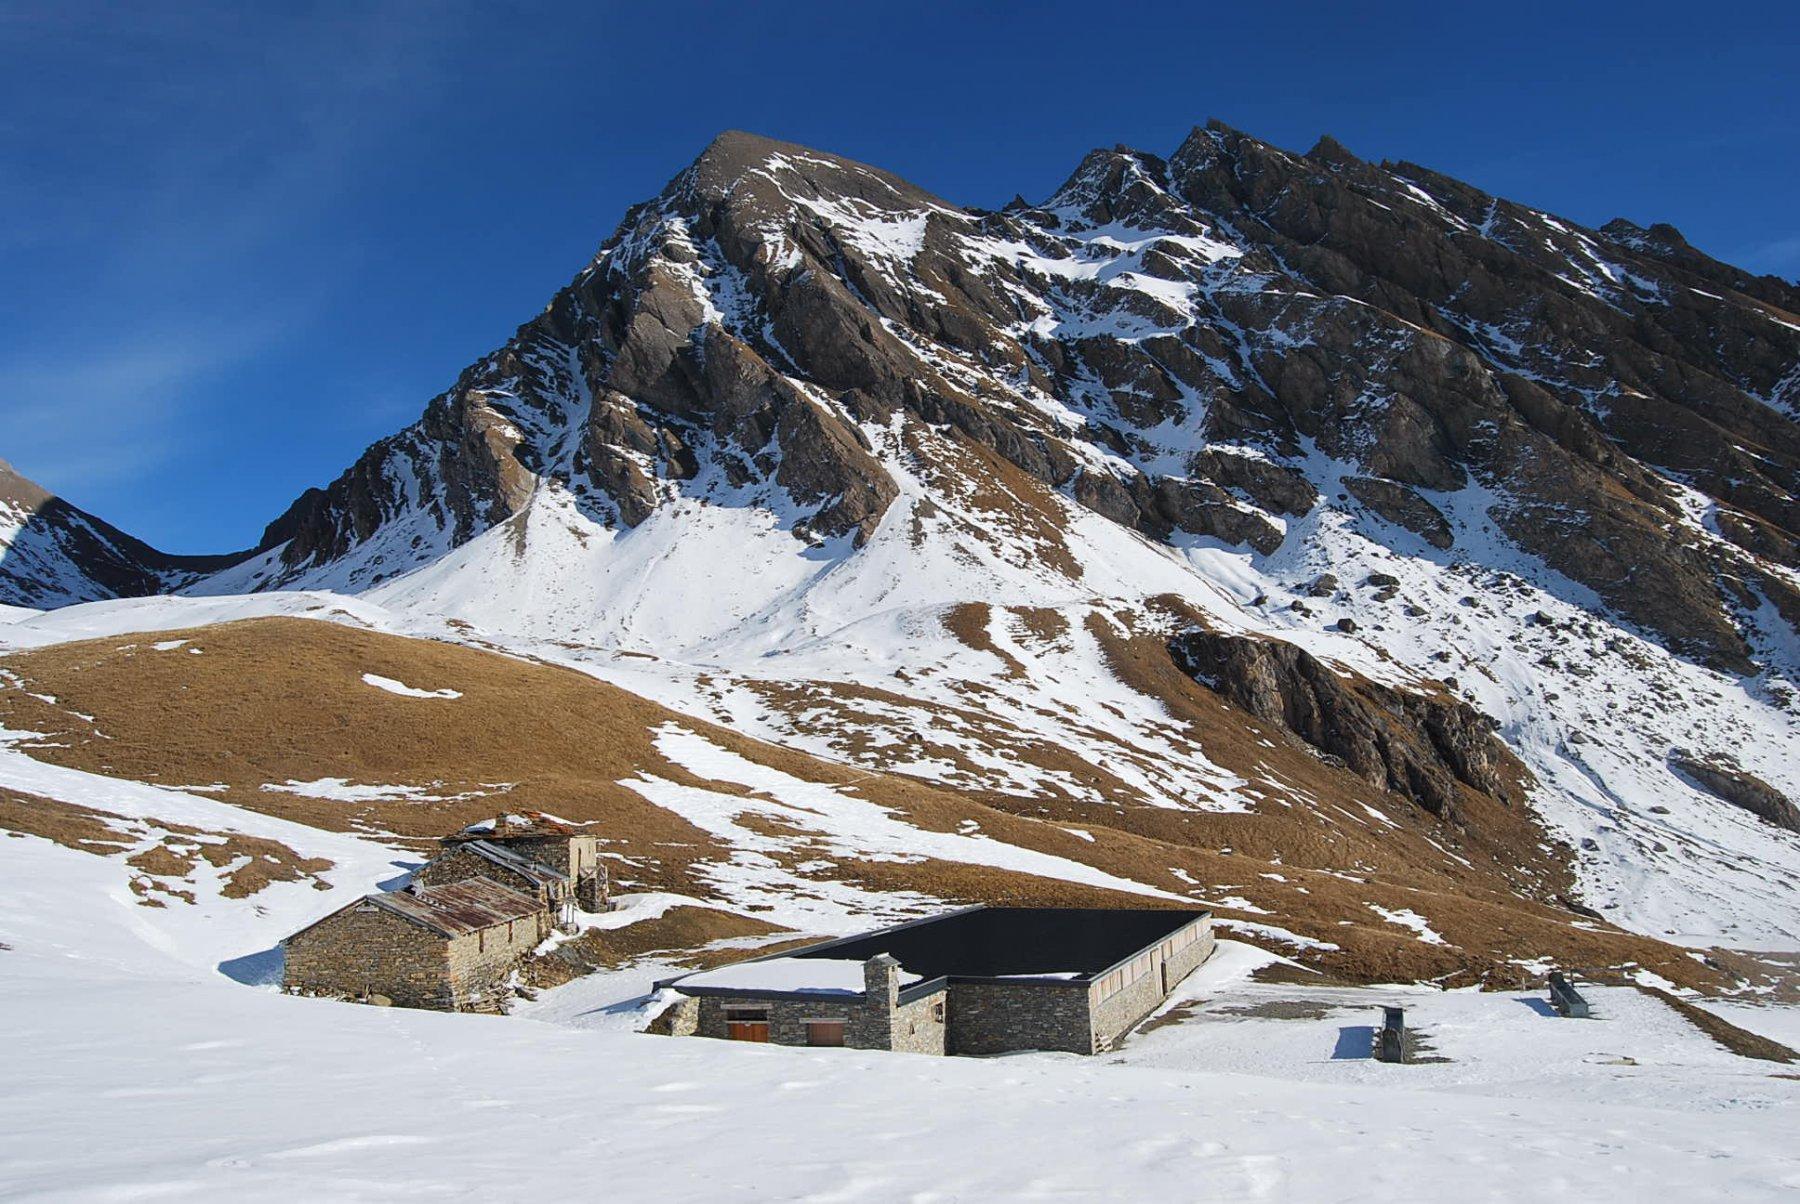 Gli Alpeggi del Berrio Blanc con il Berrio Blanc ed il suo colle sullo sfondo.